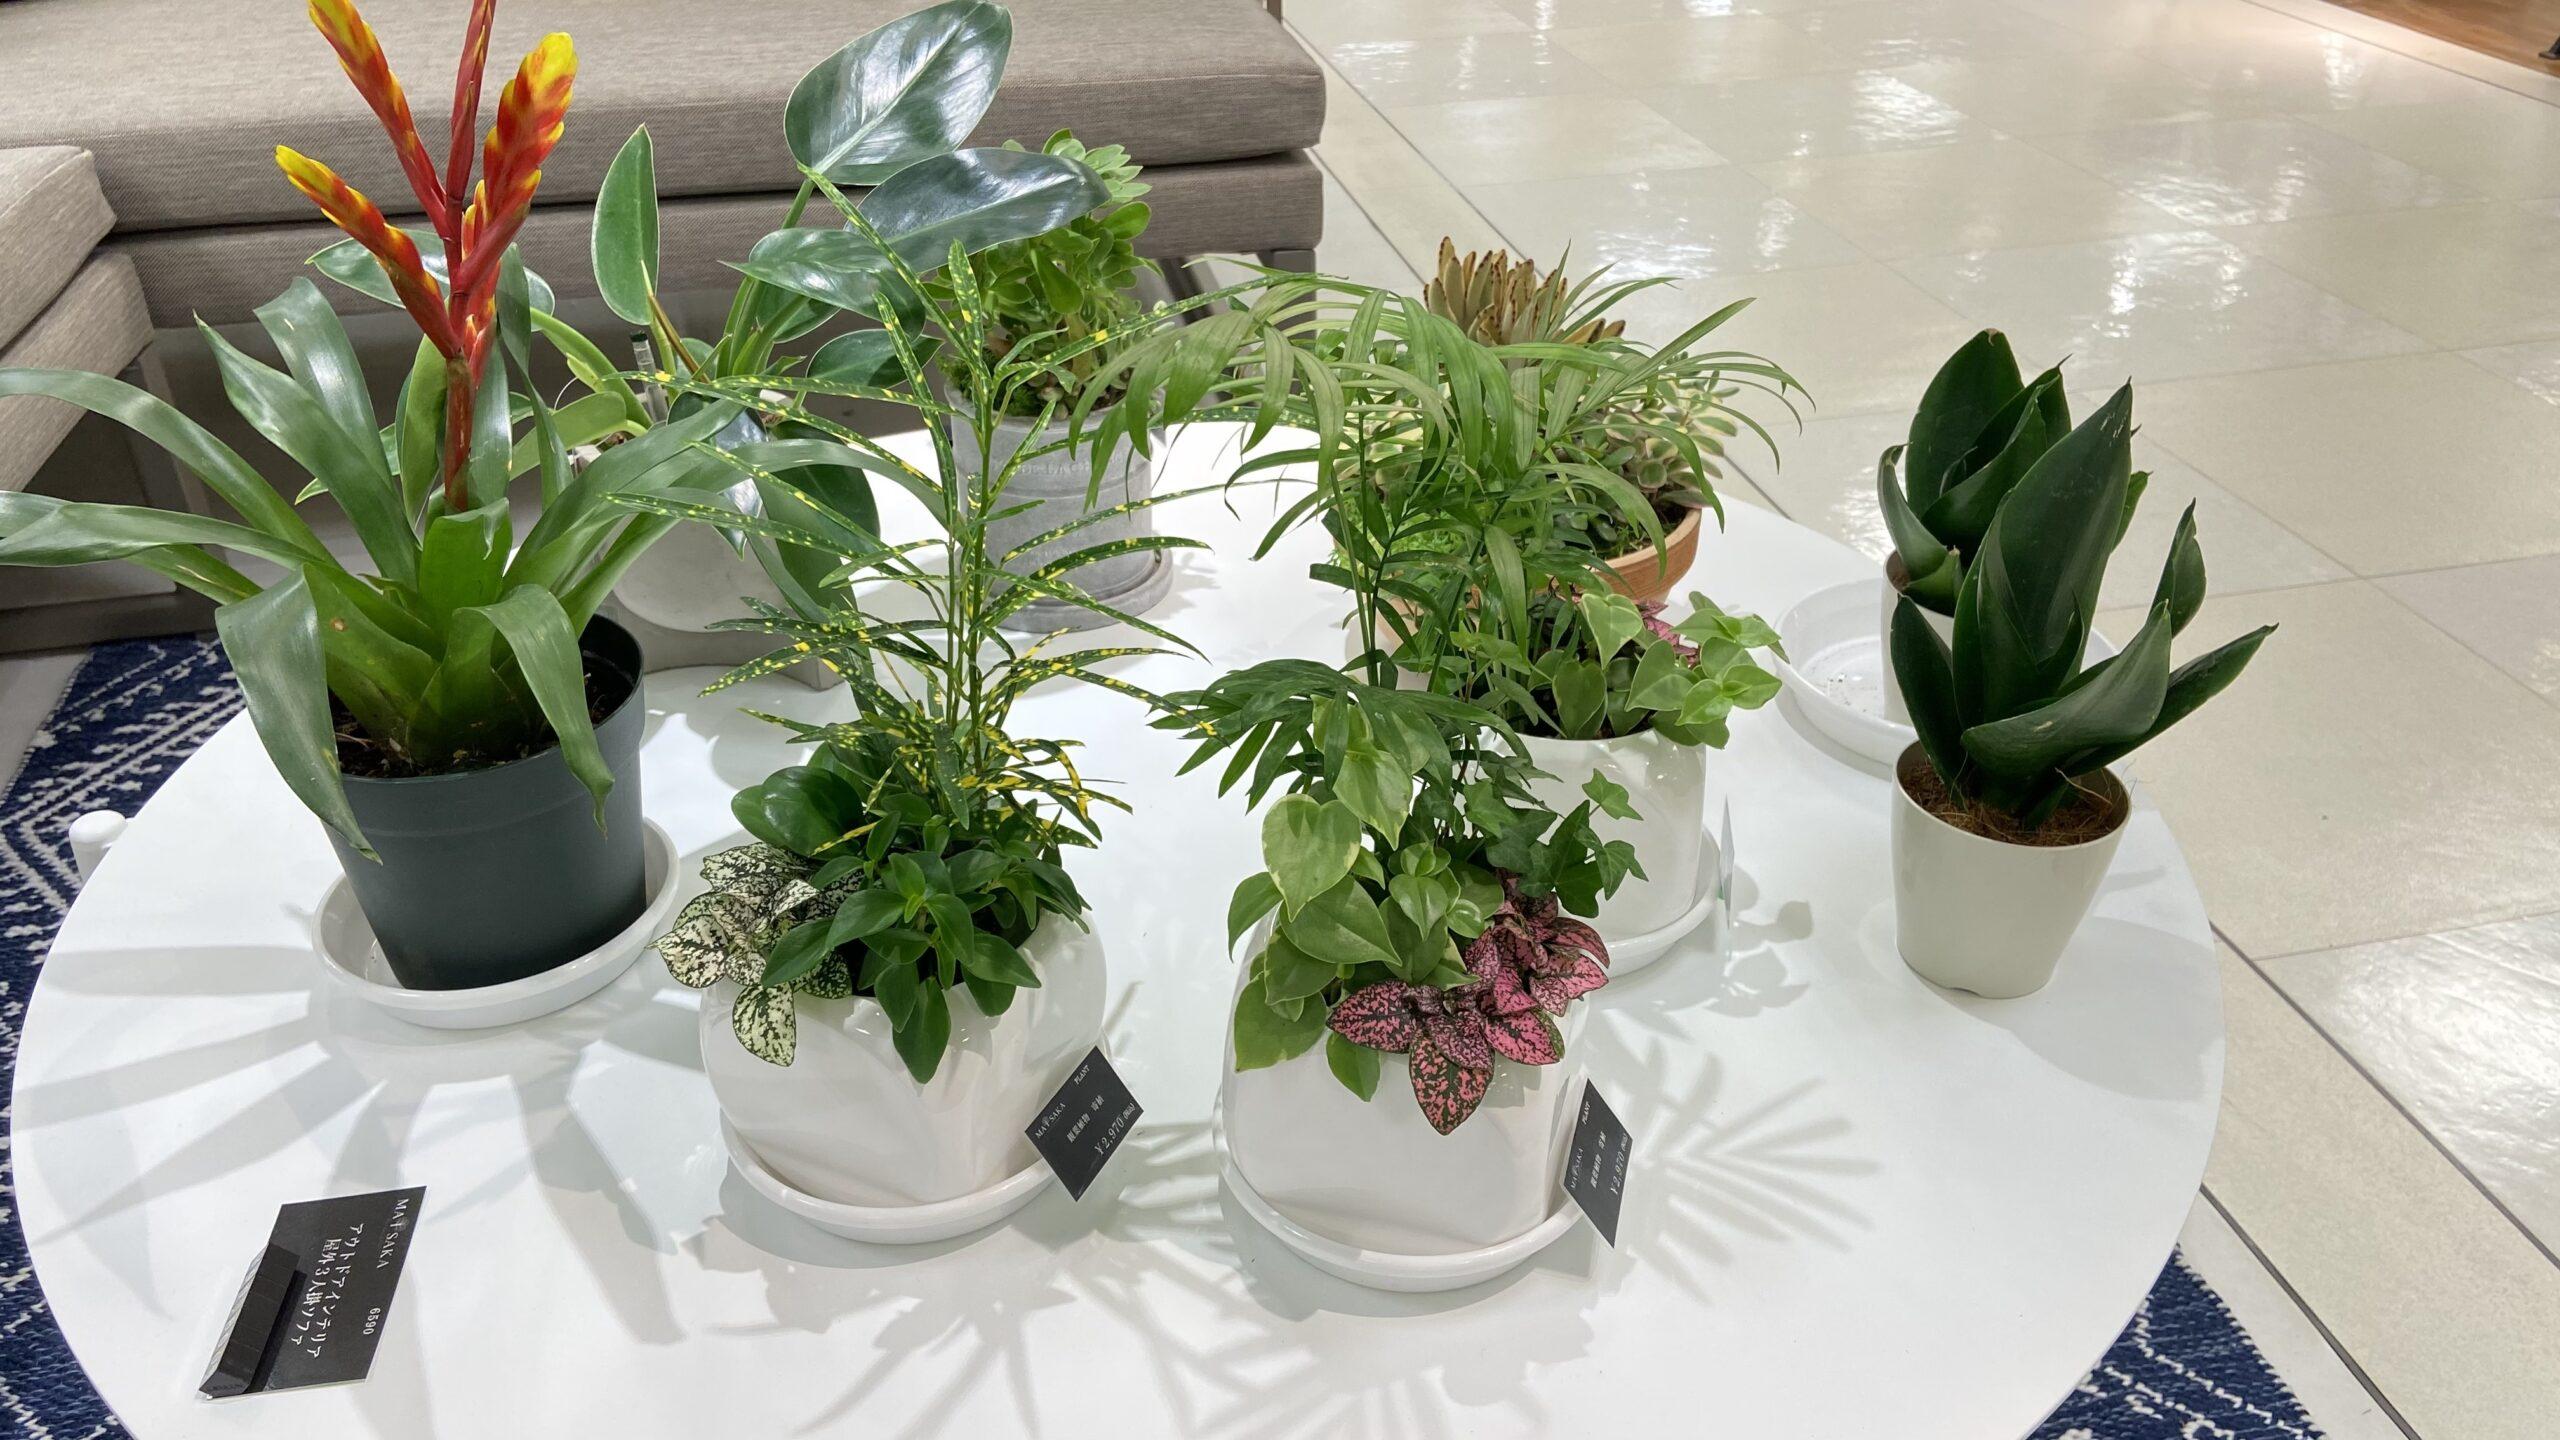 松坂屋静岡店で展示している観葉植物の様子。